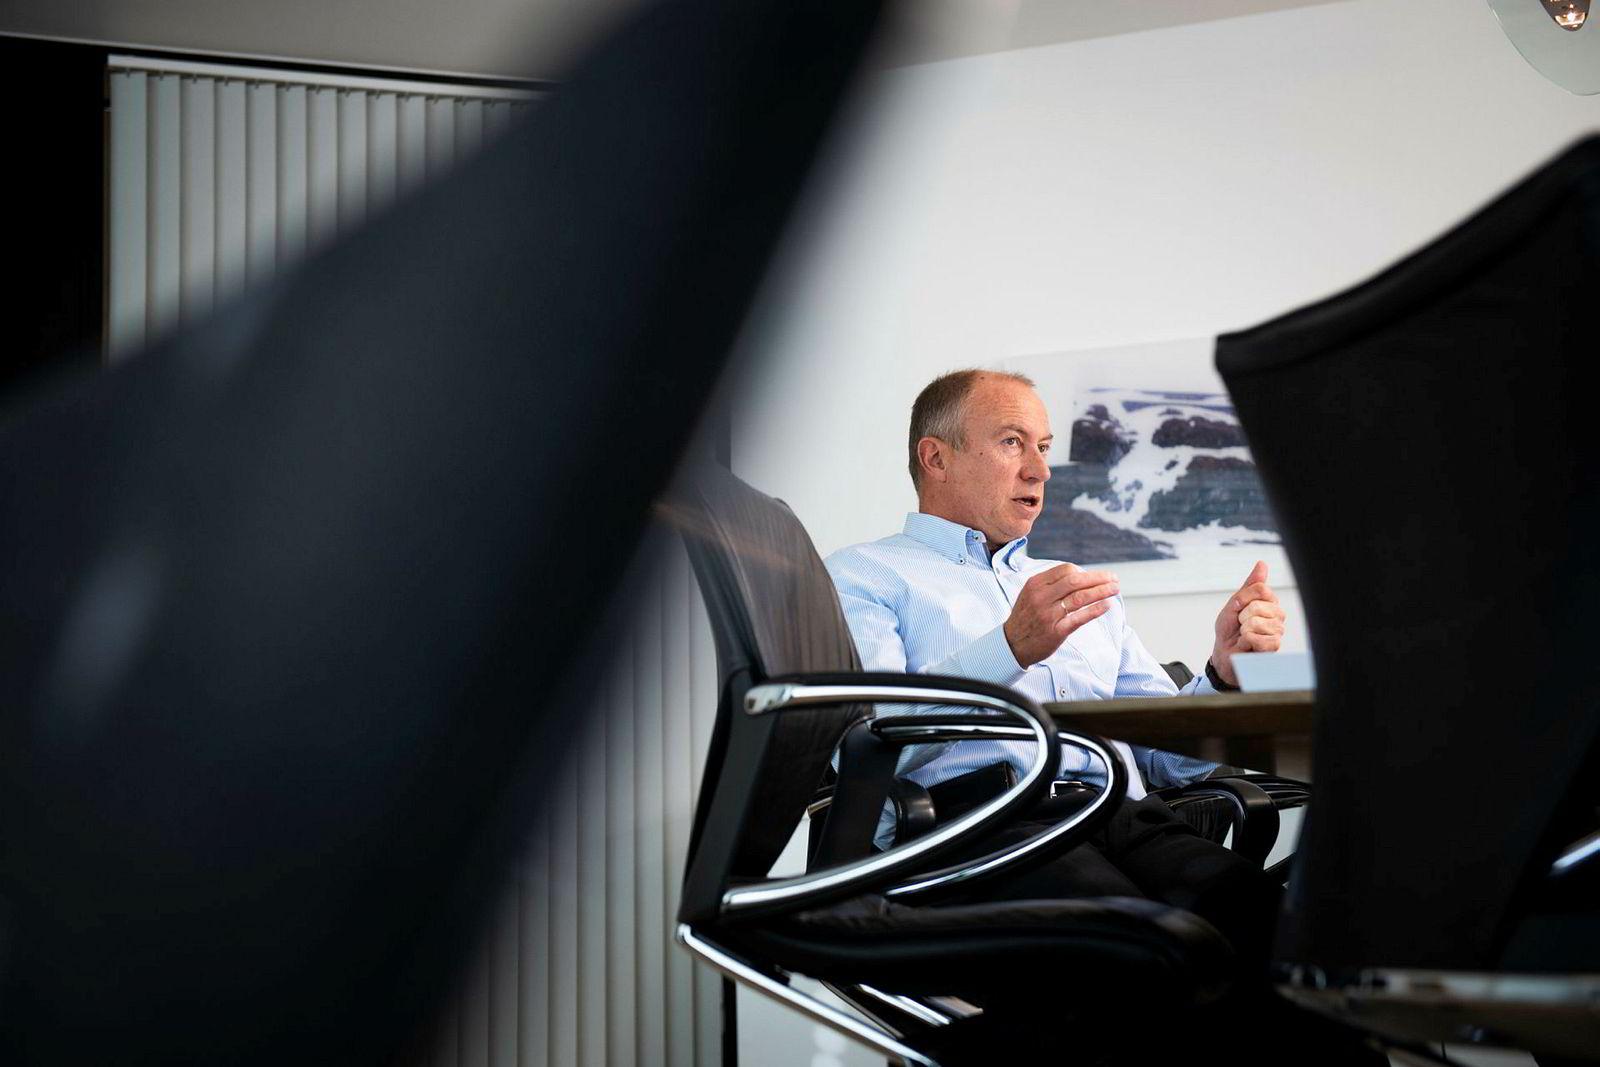 Statkraft-sjef Christian Rynning-Tønnesen jobbet for å legge flere begrensninger på huset til Einar Aas, og mener den endelige avtalen ble den best mulige for kreditorene.